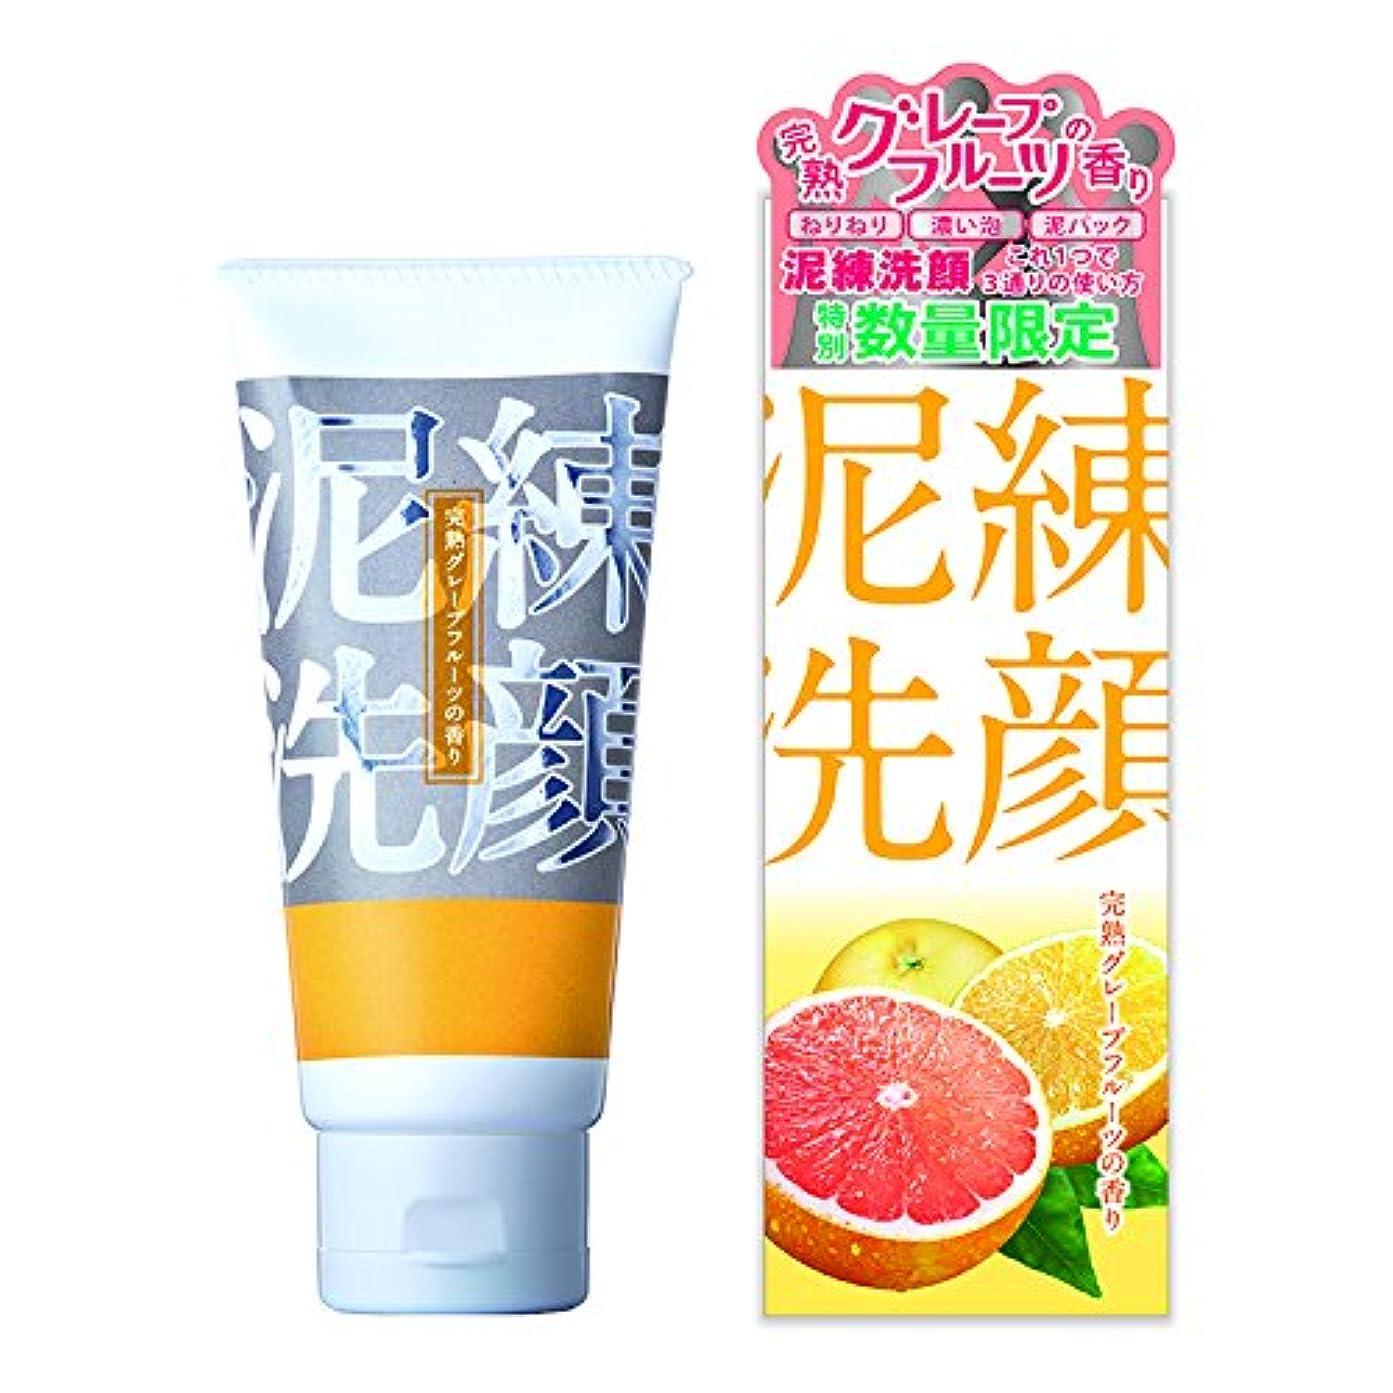 小さい有益な欲求不満泥練洗顔 完熟グレープフルーツの香り 120g【泥 洗顔 6種の泥で 黒ずみ 毛穴 洗浄 3つの使い方】